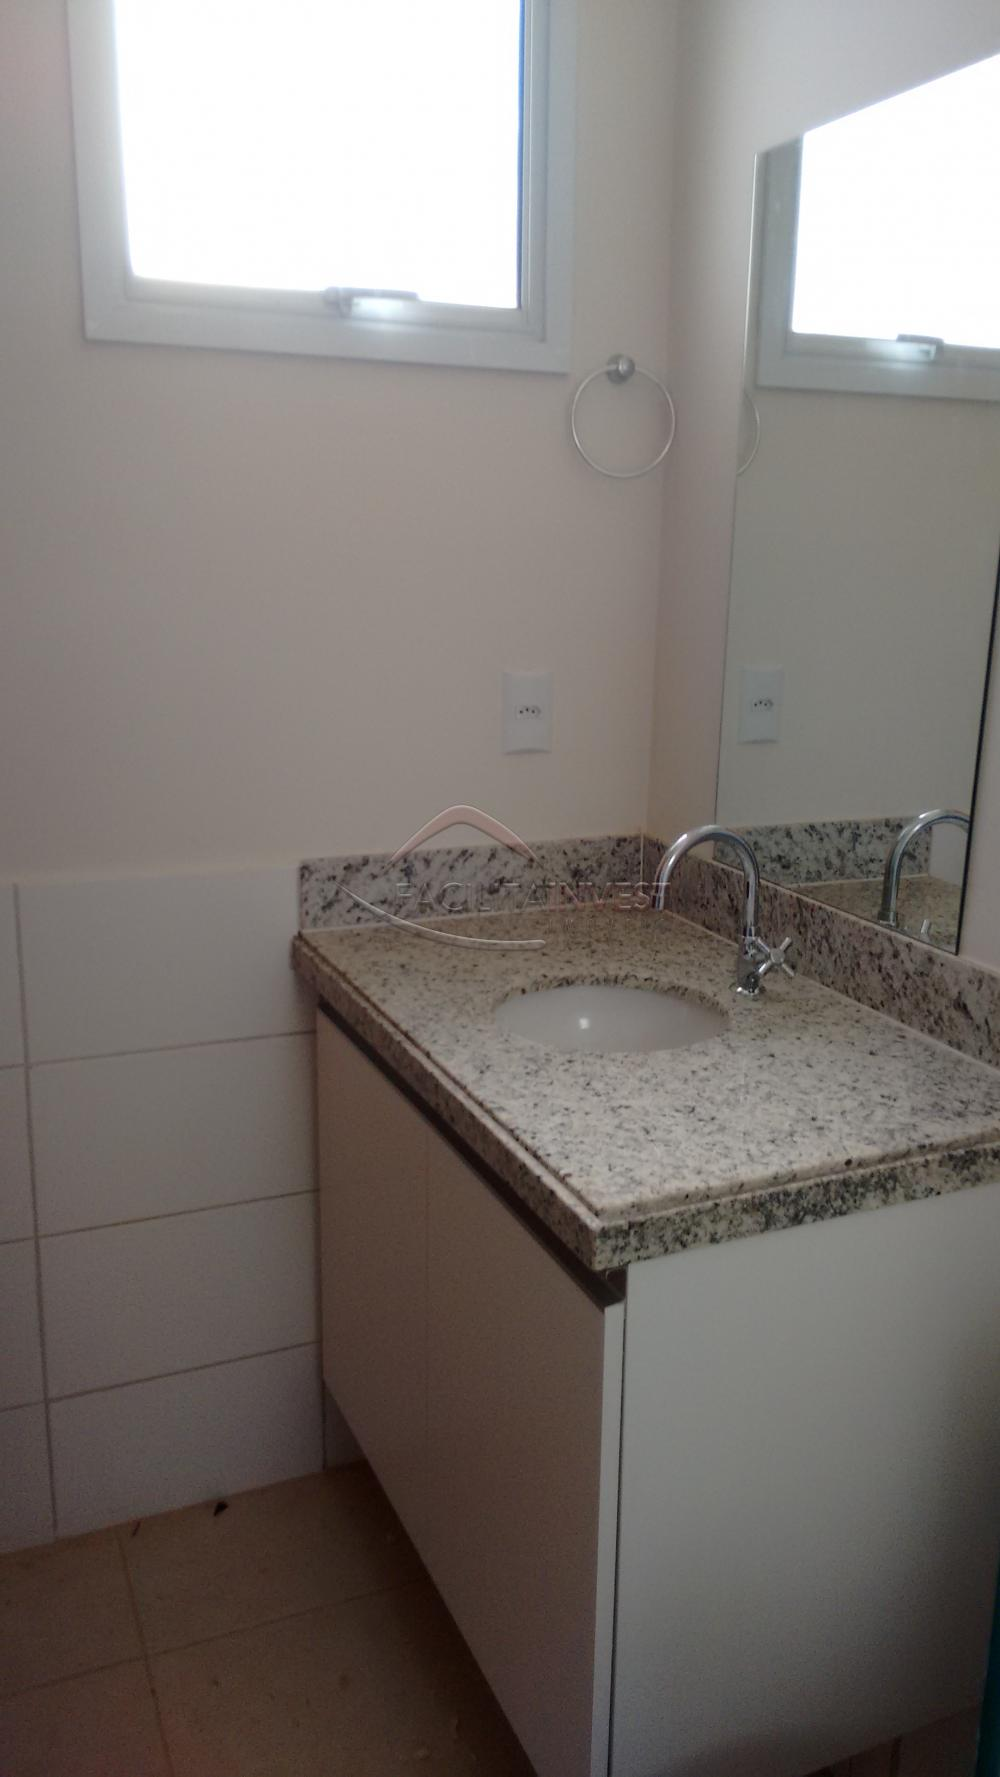 Alugar Apartamentos / Apart. Padrão em Ribeirão Preto apenas R$ 600,00 - Foto 10